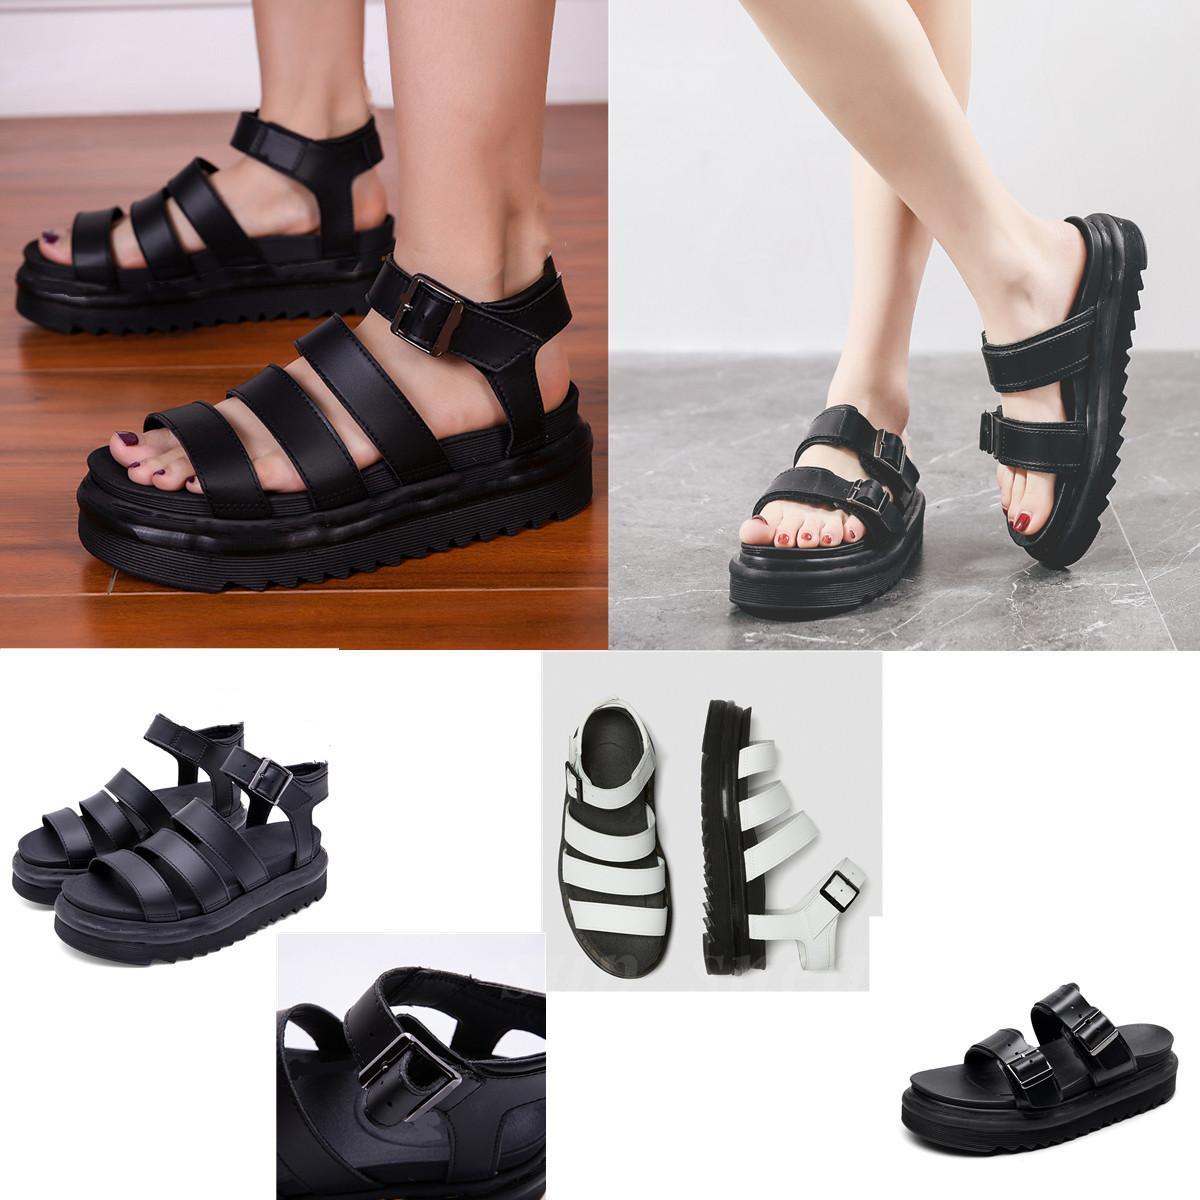 Martinz Sandalias Zapatillas Slipper Slipper Sandal Sandal Sandalia Sandalia 2021 Moda europea y americana Casual Coreano Pastel de esponja ligero